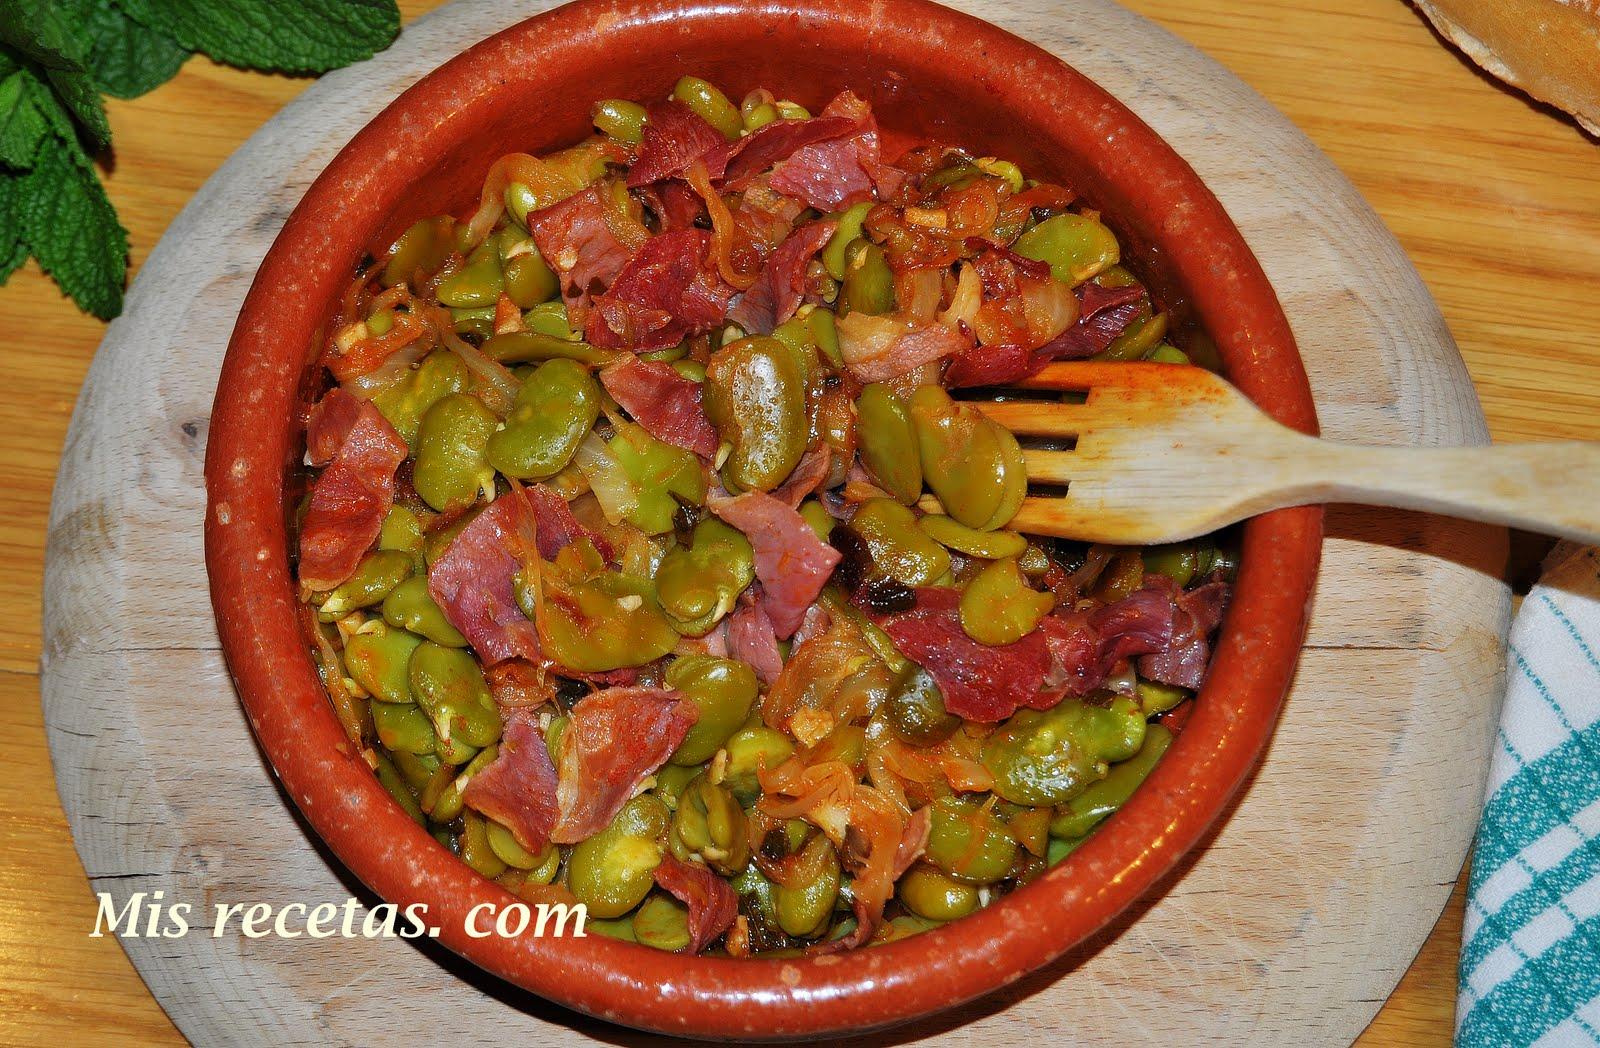 Mis recetas com habas a la andaluza - Habas frescas con jamon ...